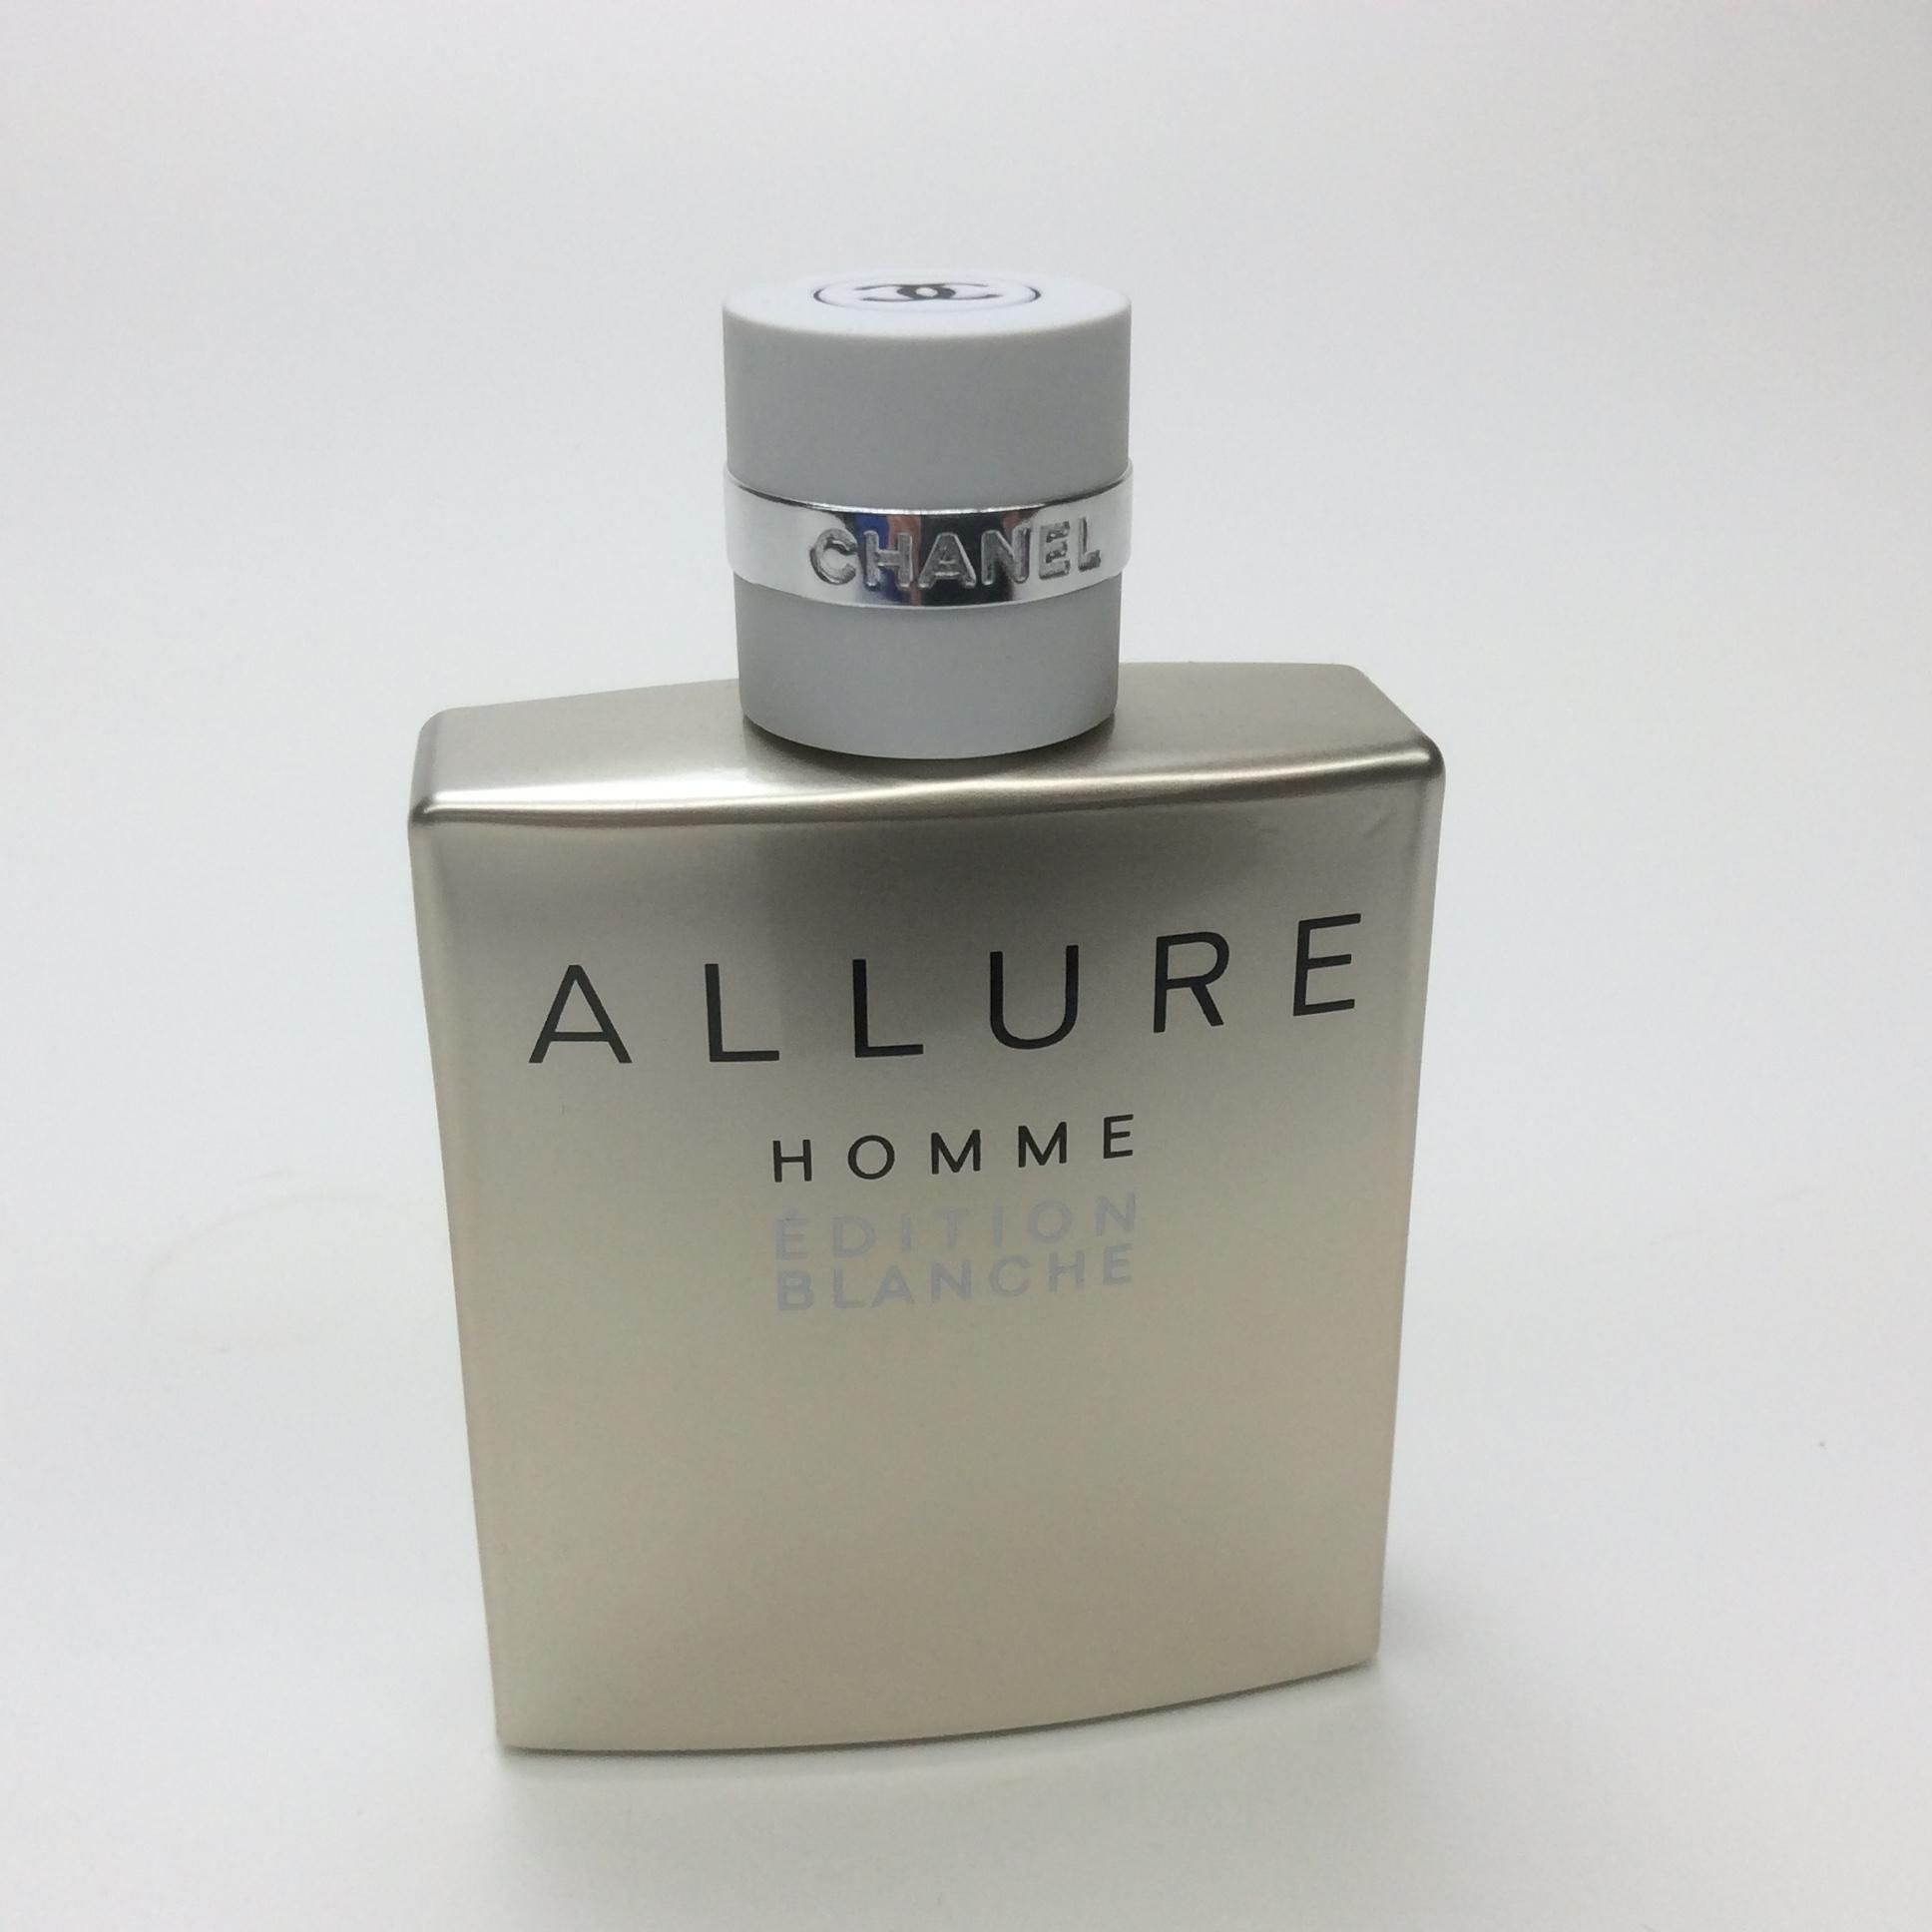 Allure Homme Edition Blanche 100ml Eau De Toilette Concentree